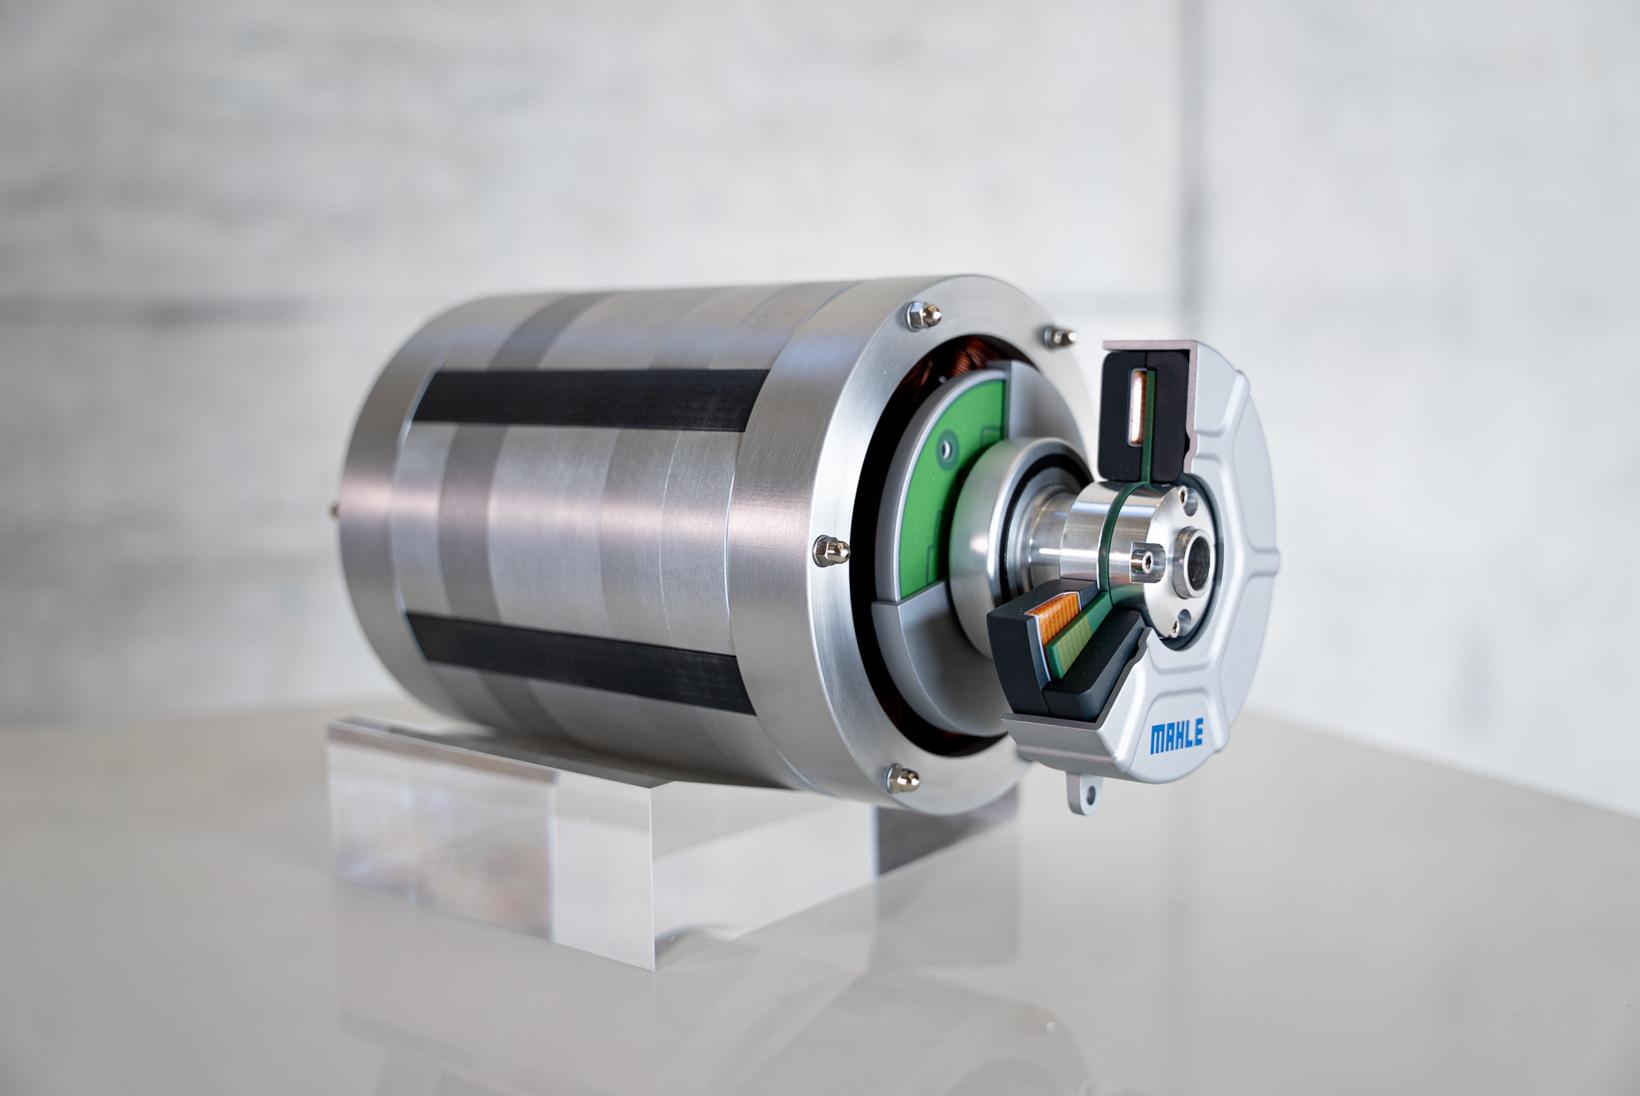 马勒开发高效无磁电机 效率可达95%